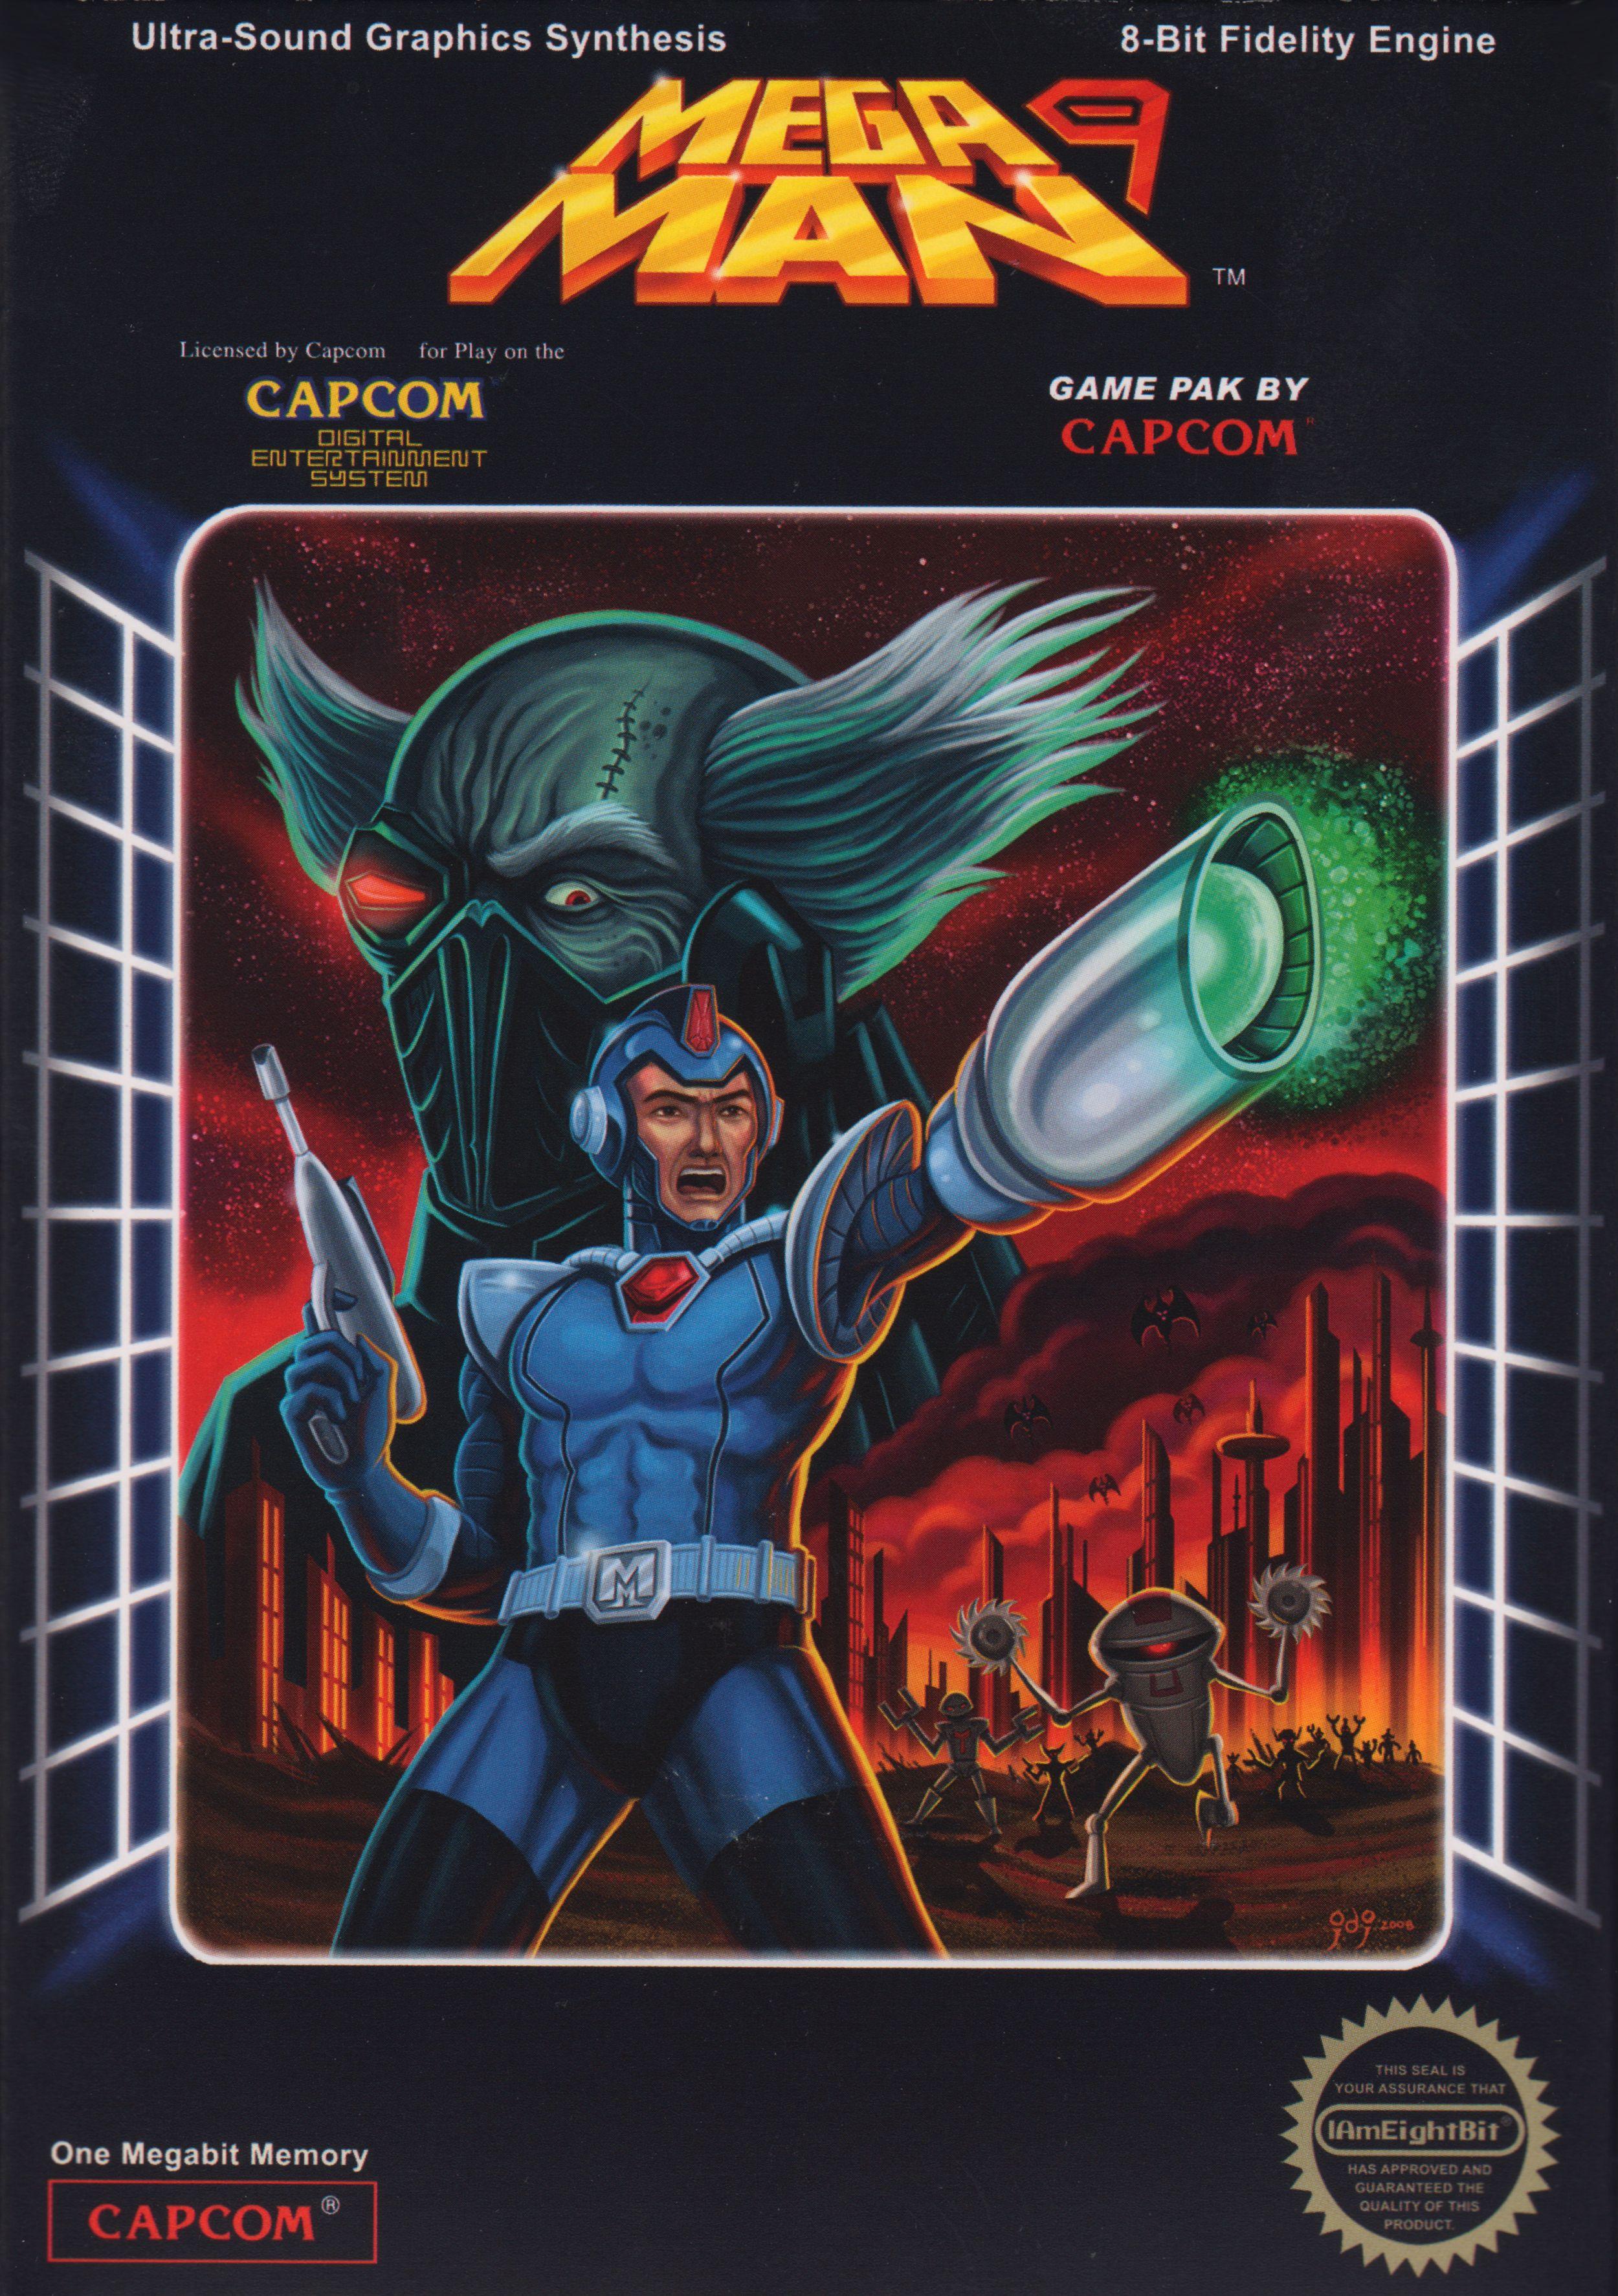 mega man 9 retro games poster mega